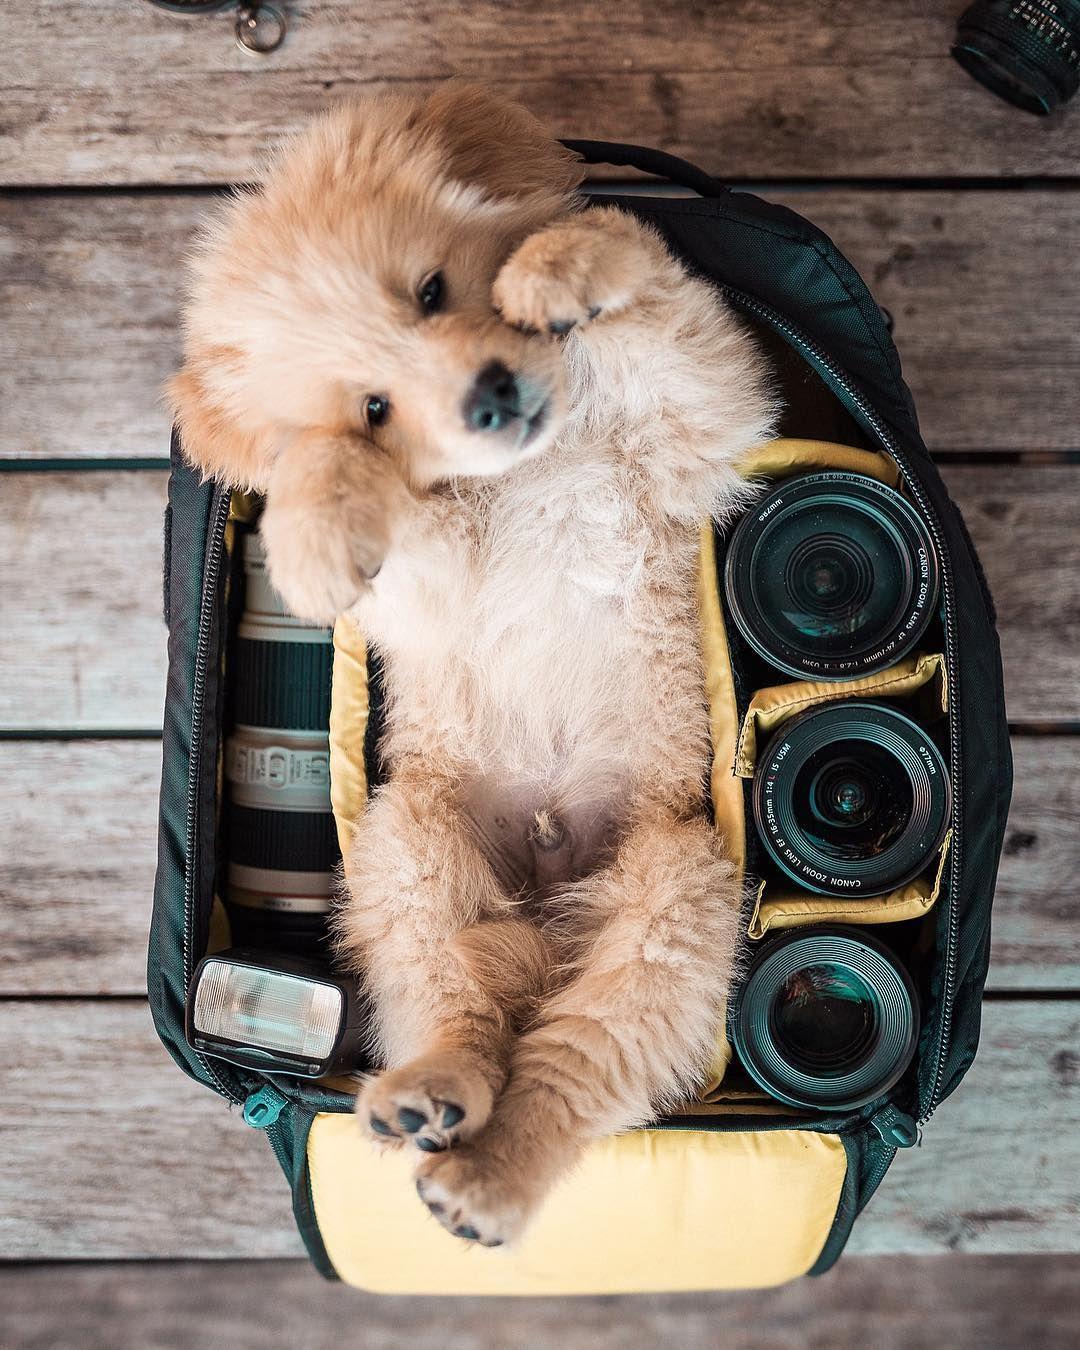 Da geht einem das Herz auf! #cutepuppies